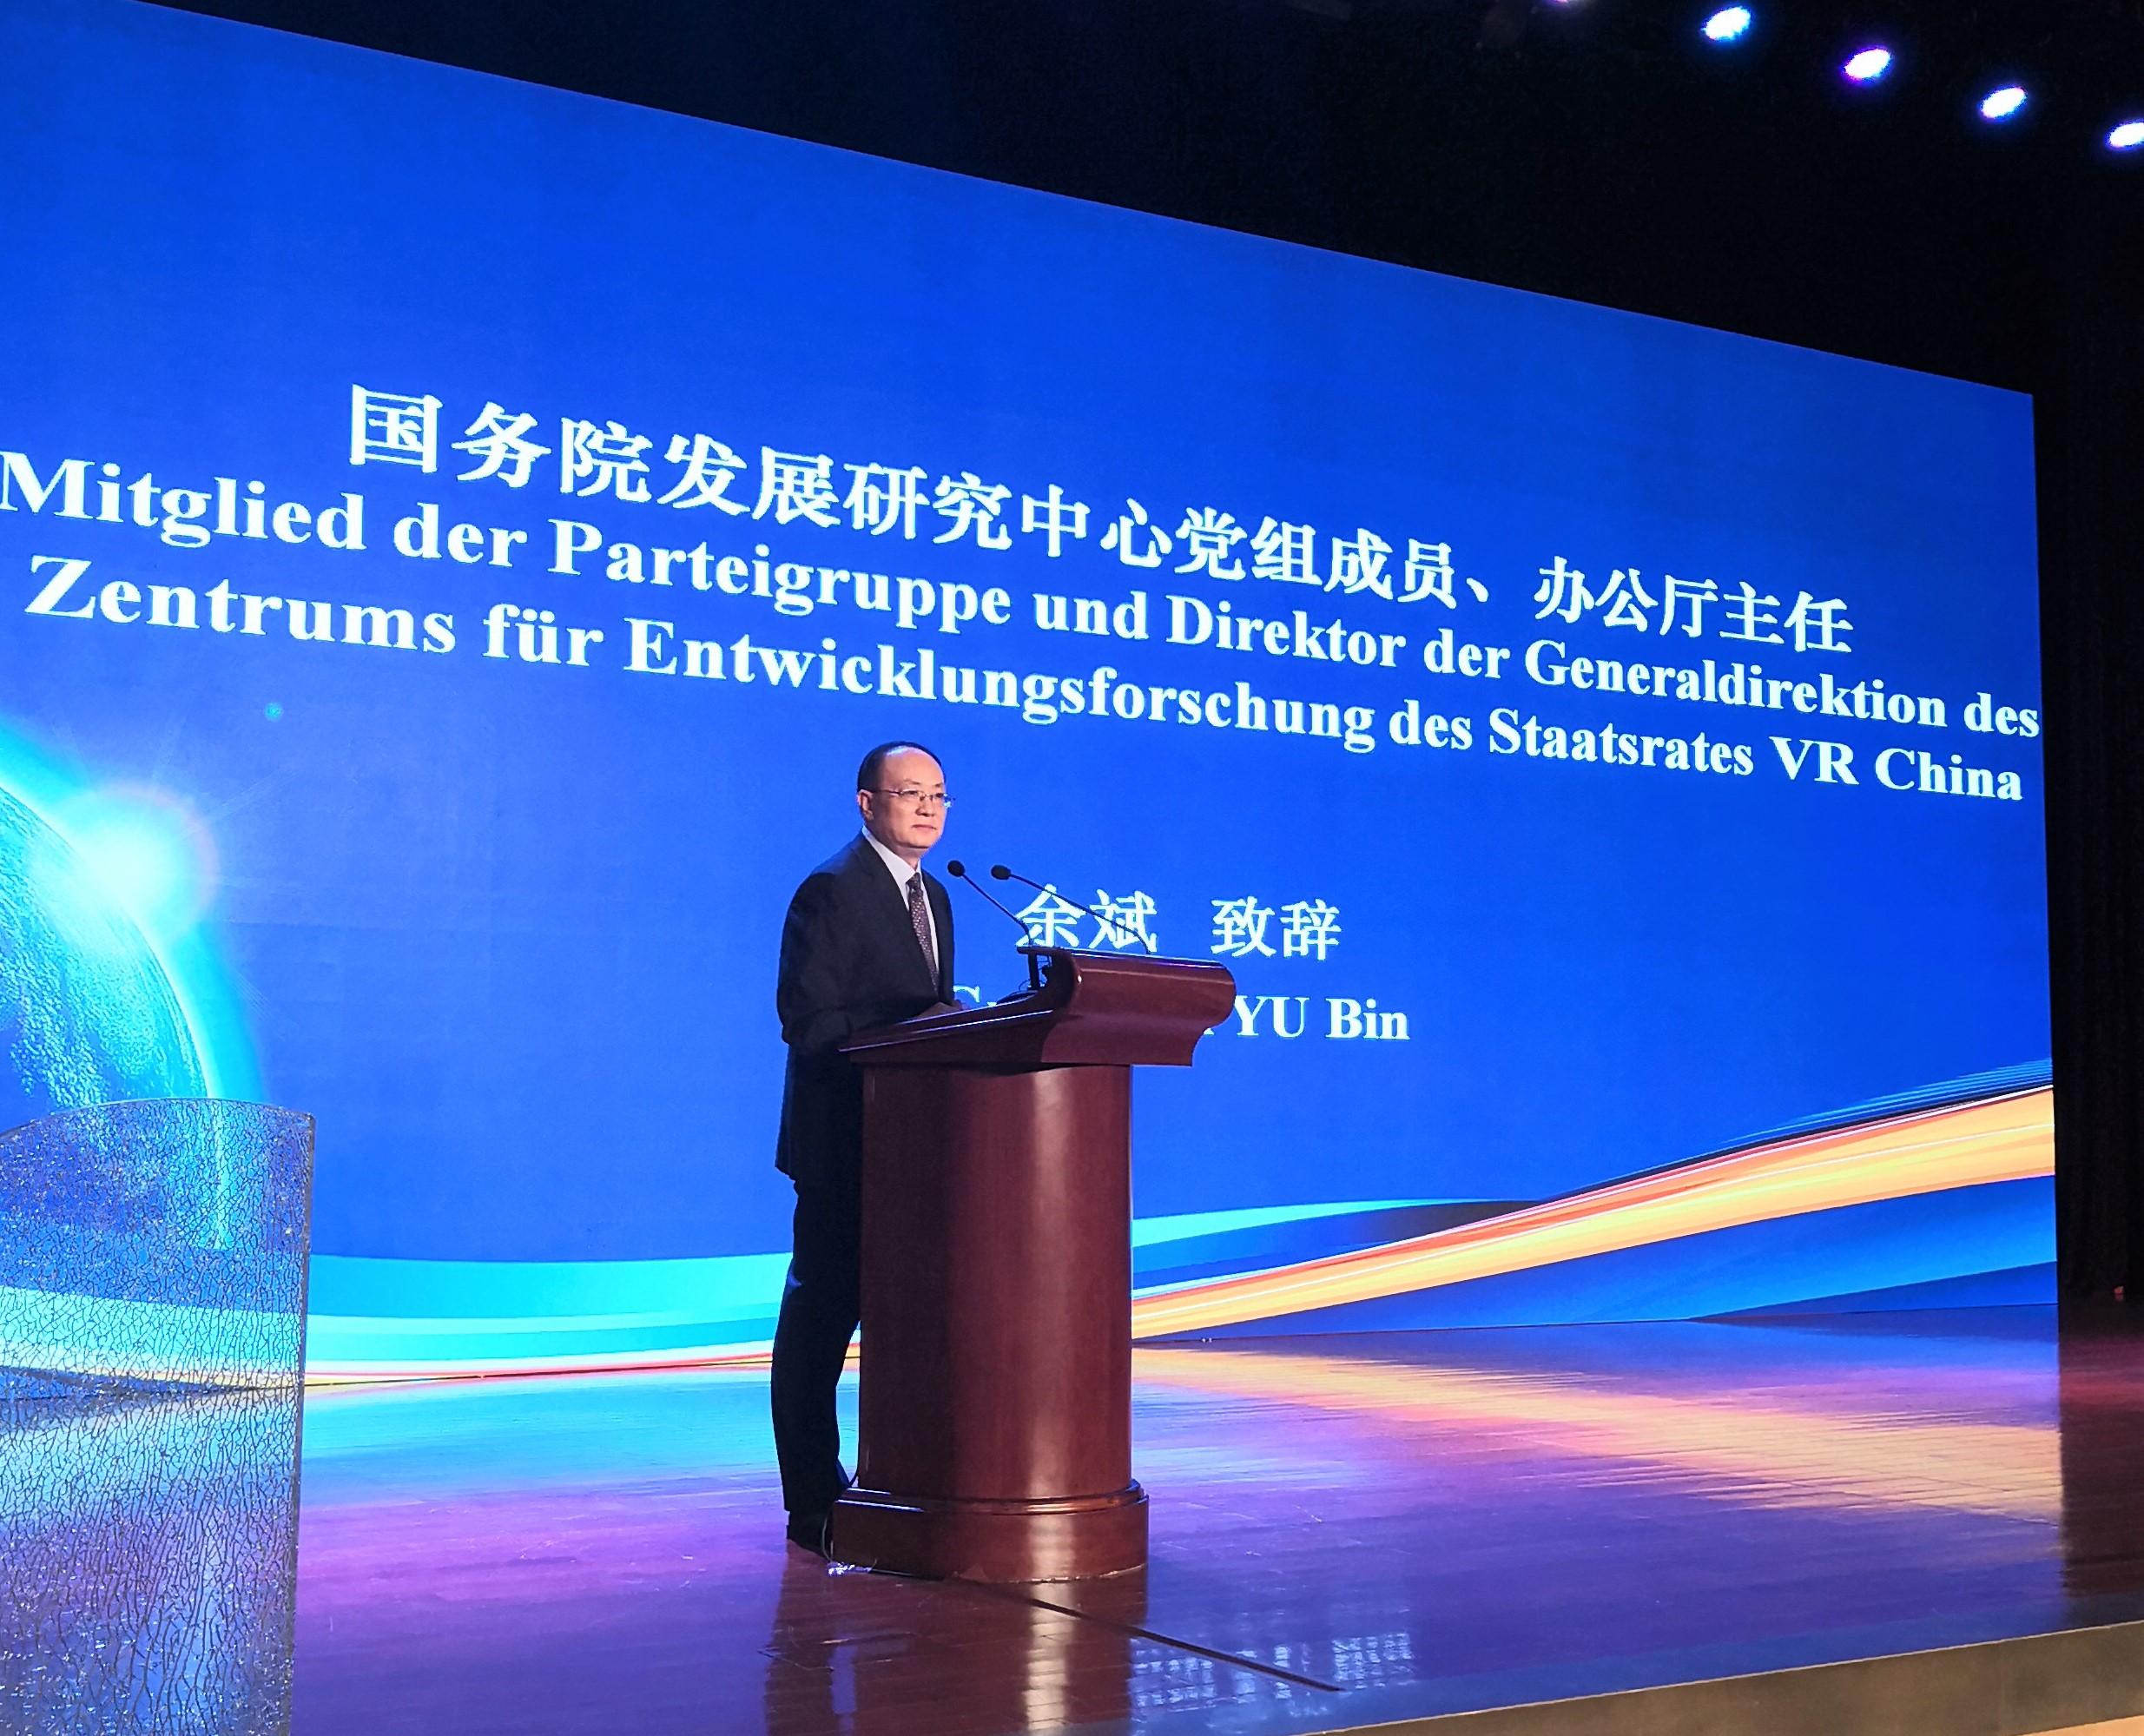 中欧(中德)经贸拉开历史性一幕---- 世界隐形冠军大会将首次在中国举办